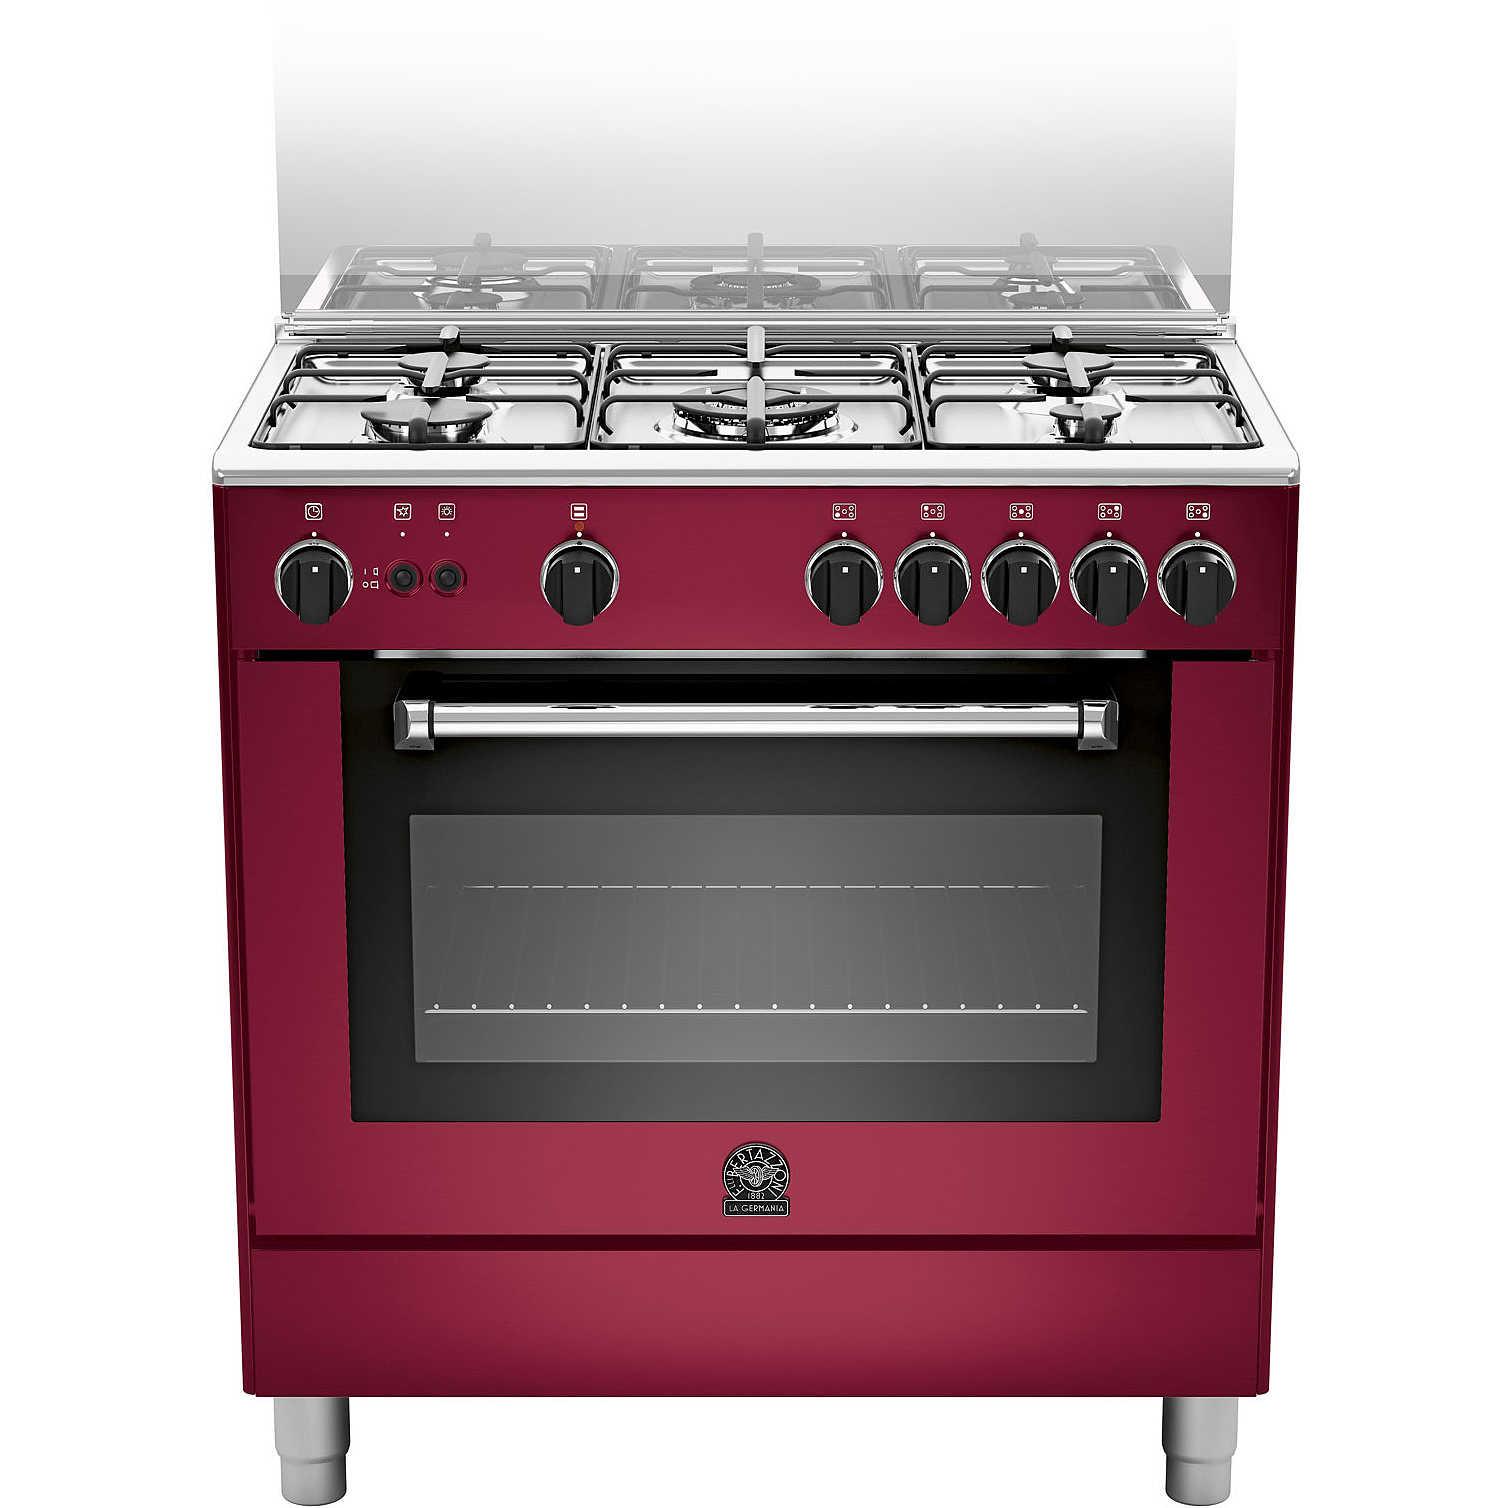 La germania amn805gevsvie cucina 80x50 5 fuochi a gas forno a gas ventilato con grill elettrico - Cucina con forno a gas ventilato ...